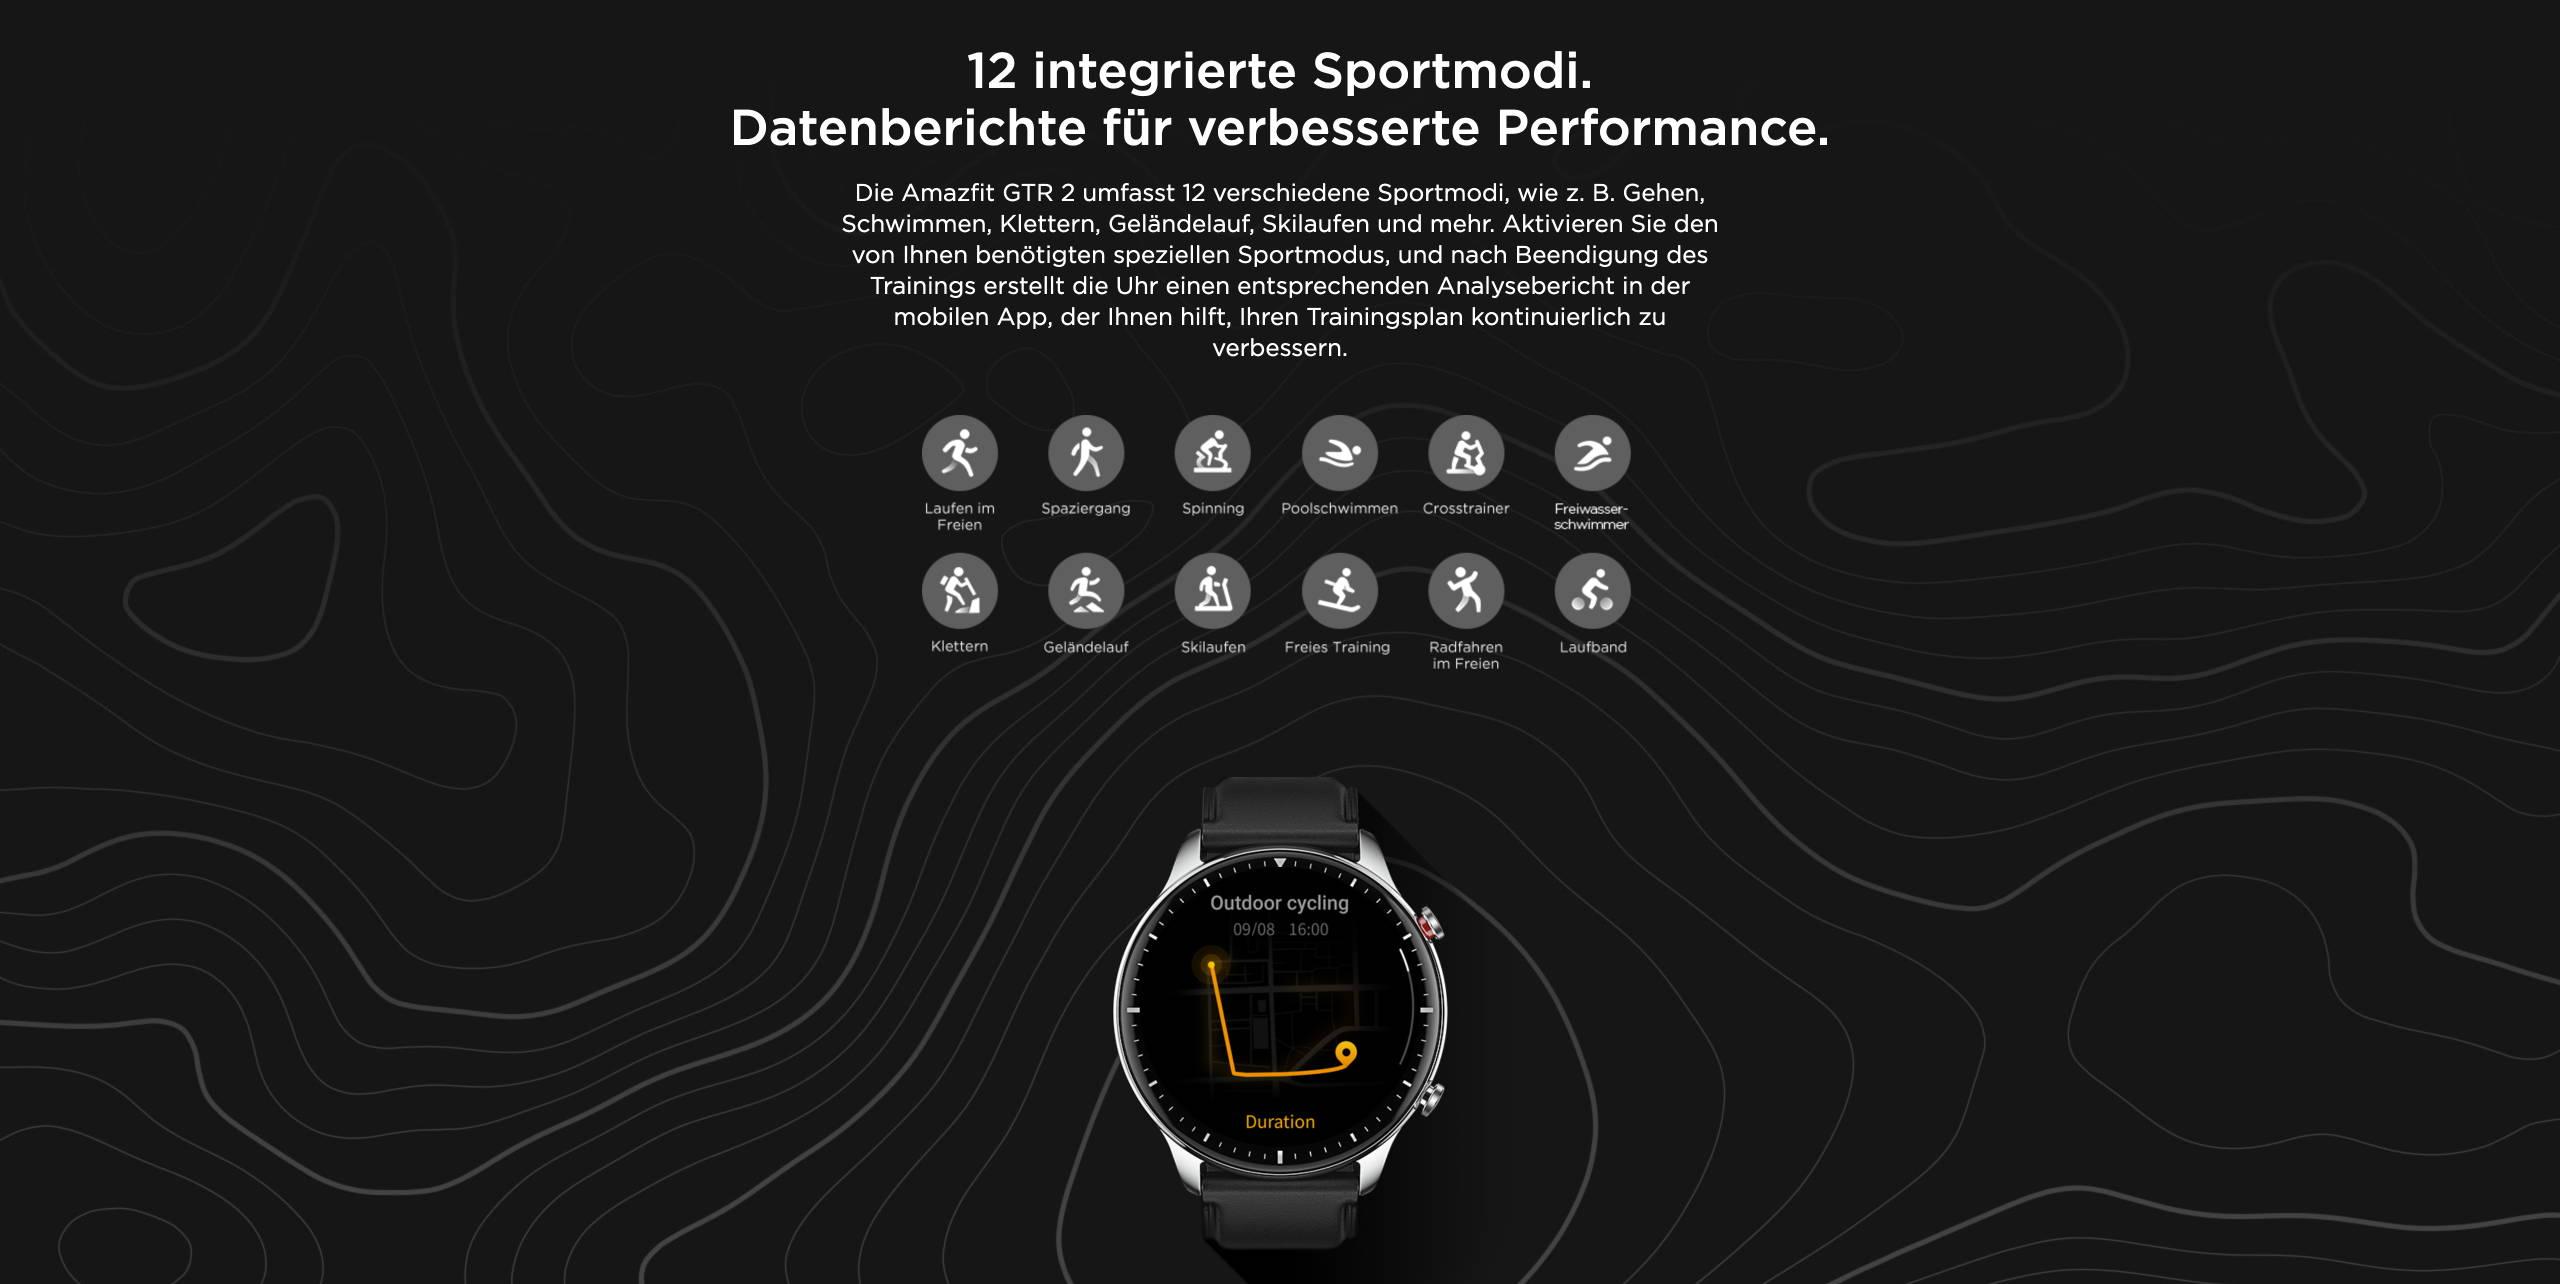 Amazfit GTR 2 - 12 integrierte Sportmodi. Datenberichte für verbesserte Performance.